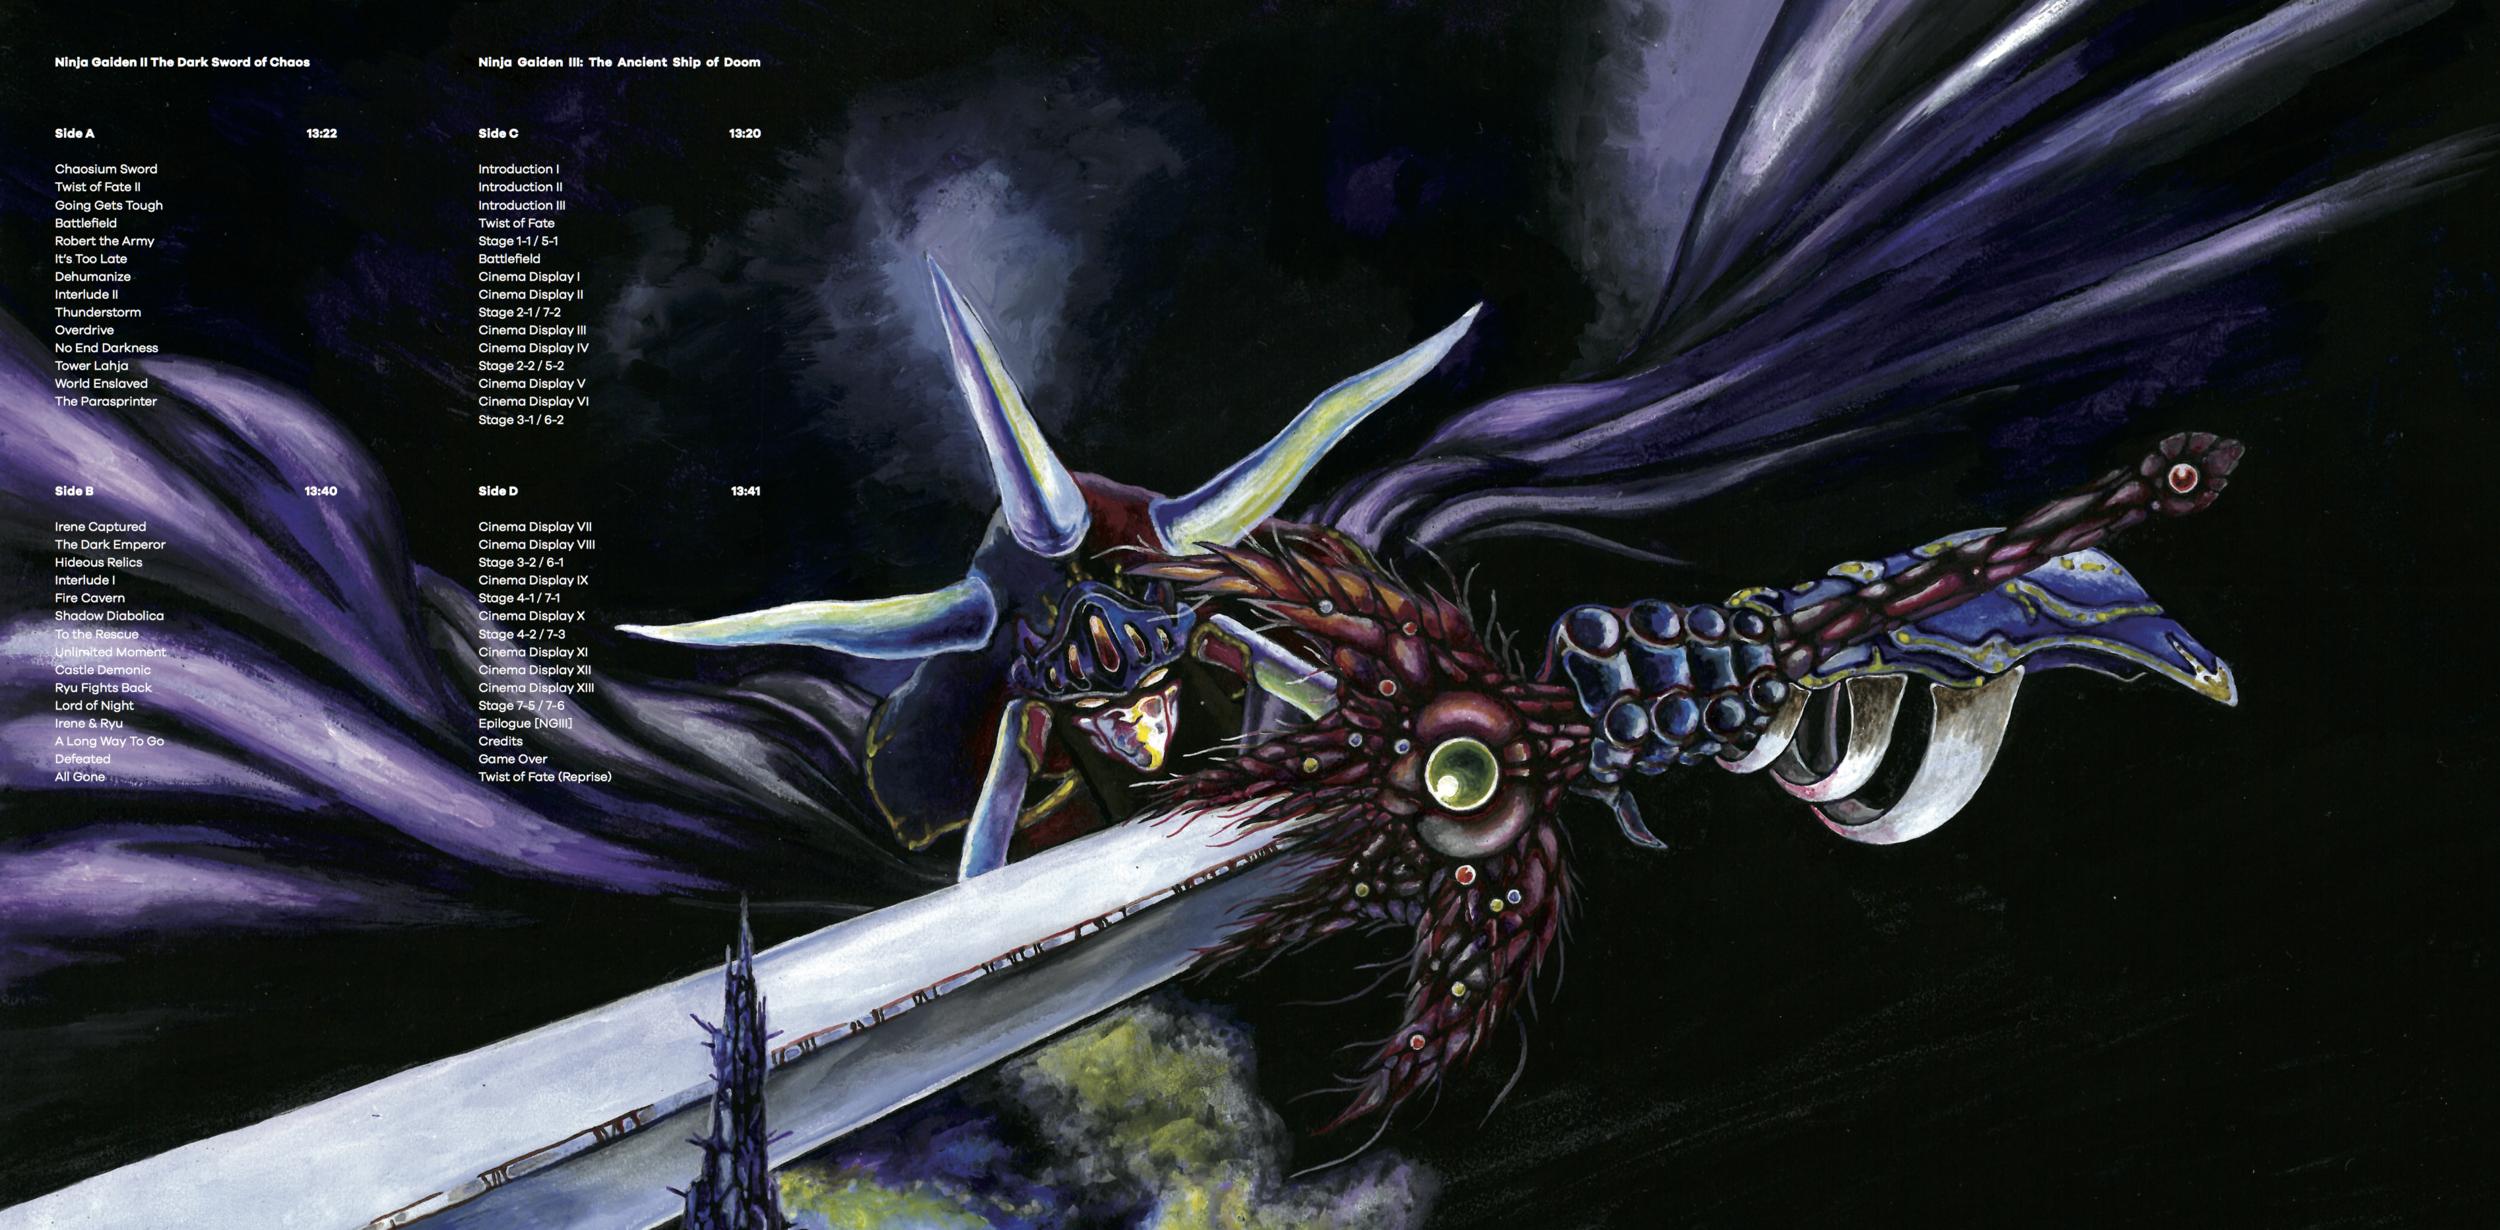 Inner Gatefold for Ninja Gaiden The Definitive Soundtrack Vol. 2.